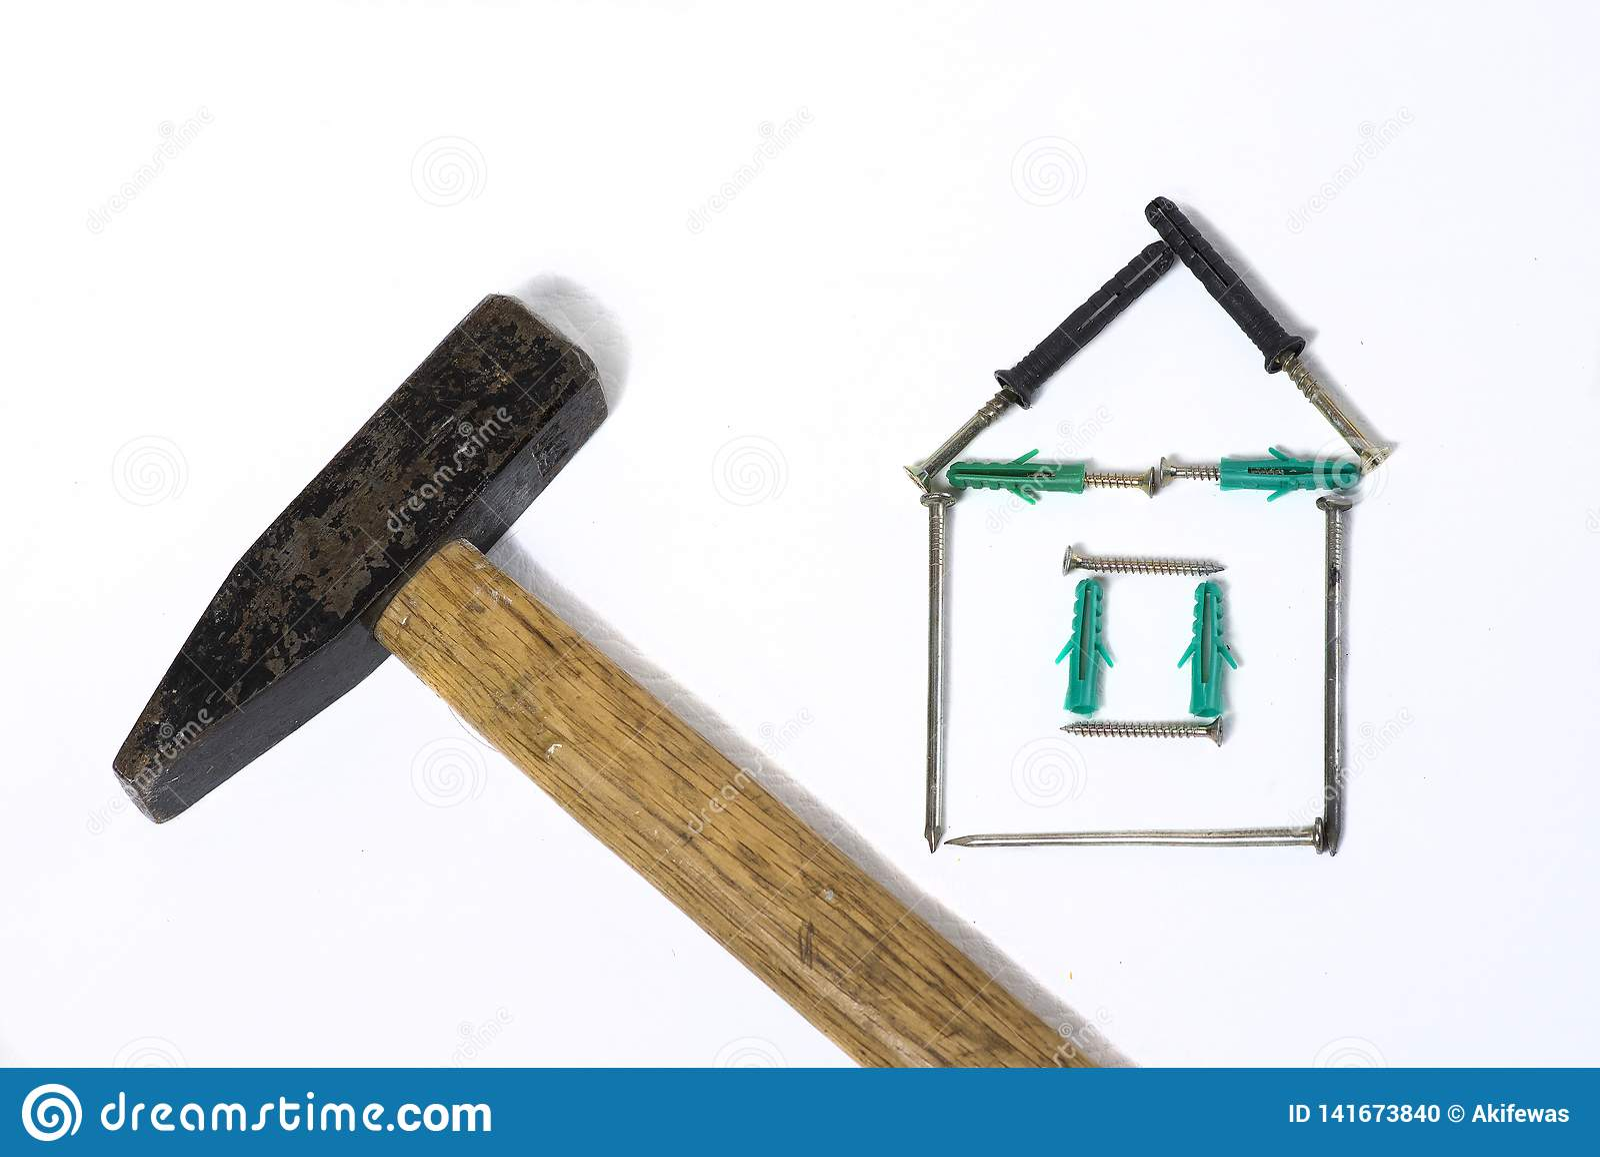 Σφυρί σιδήρου με το ξύλινο σπίτι καρφιών λαβών στο άσπρο υπόβαθρο